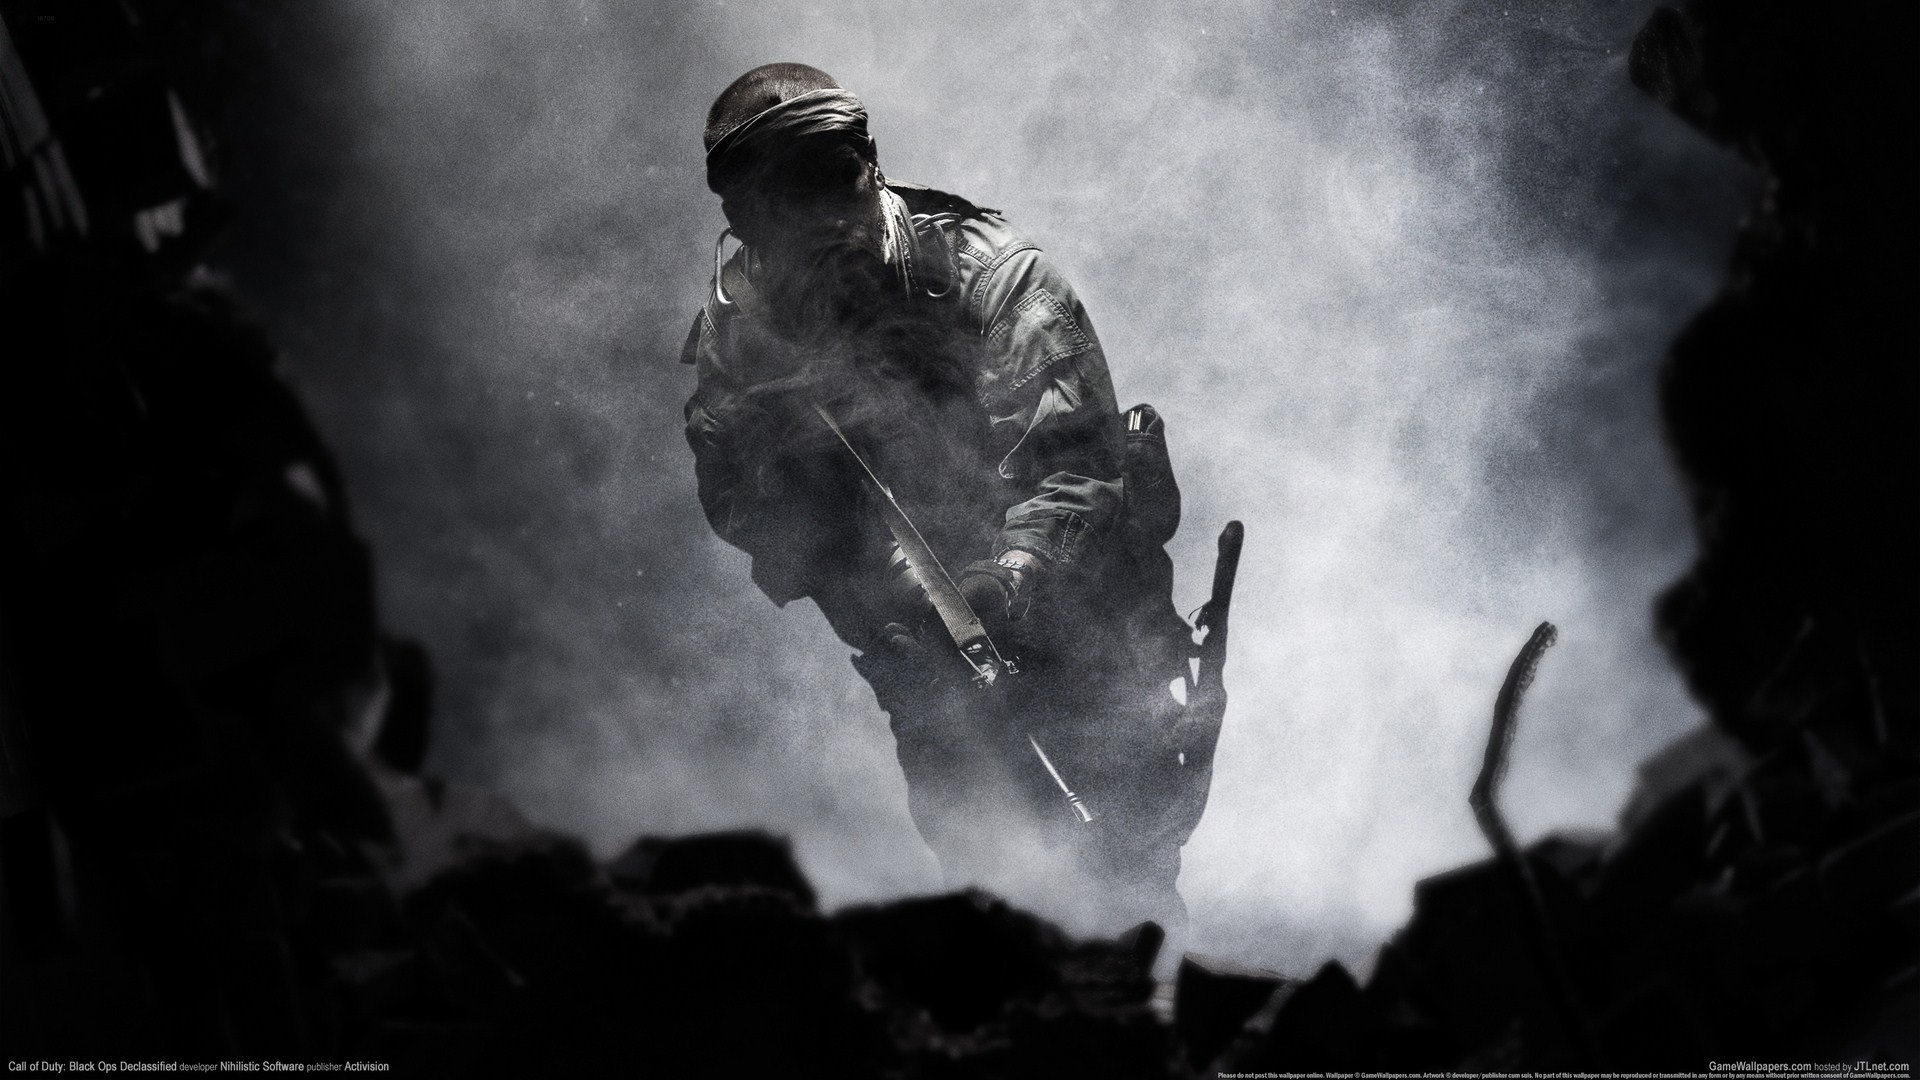 Call Of Duty: Black Ops Declassified 1920x1080 Full HD 2K